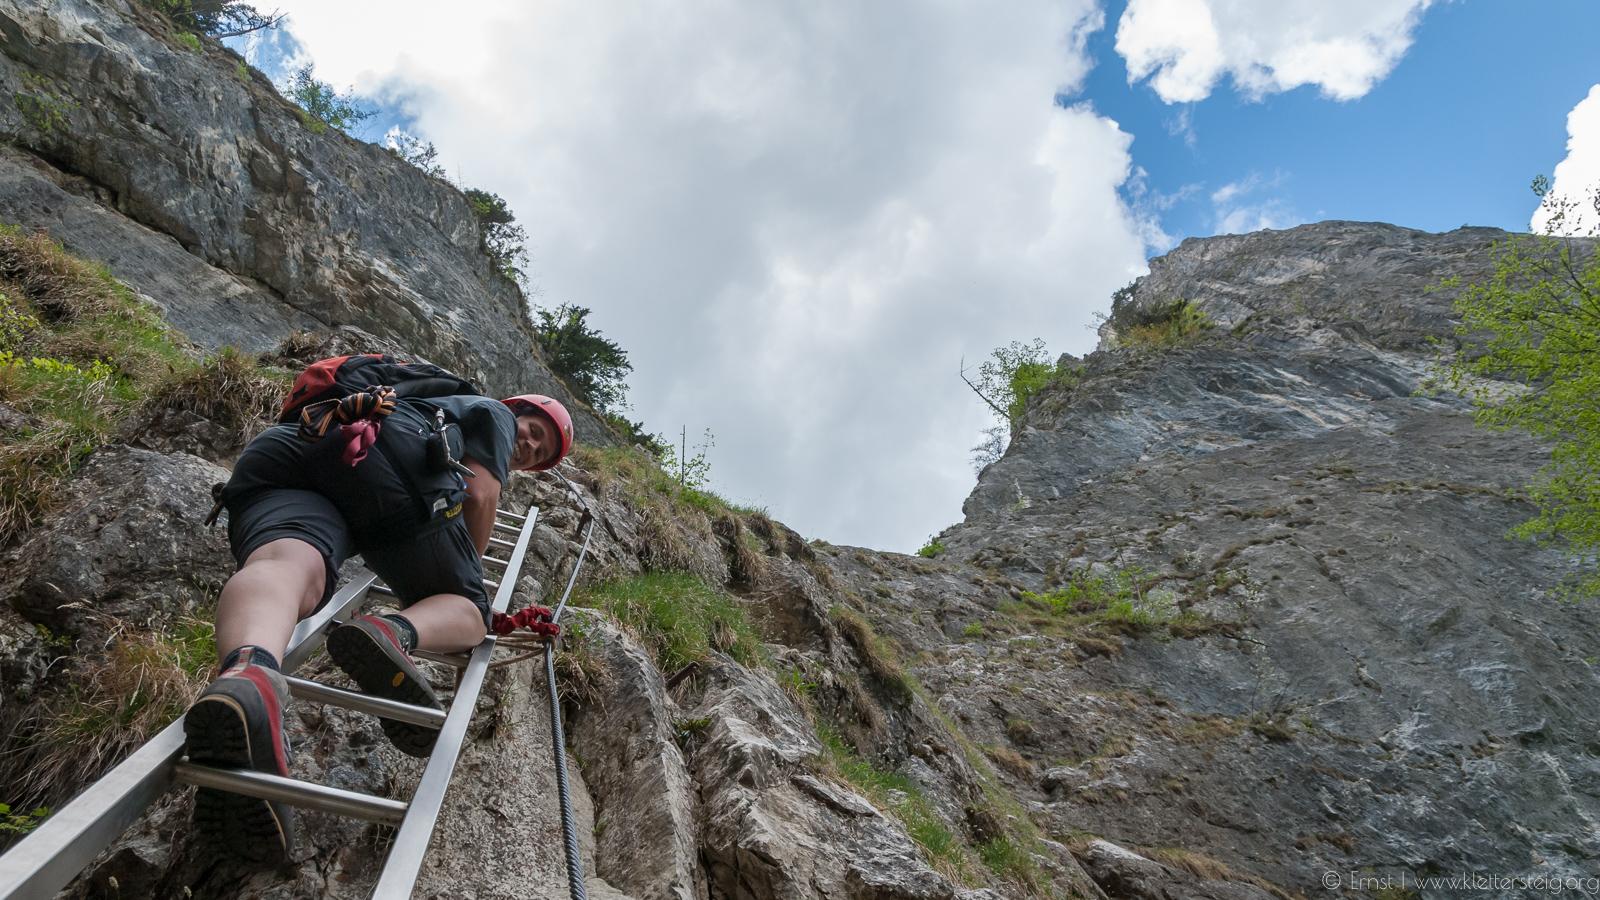 Klettersteig Mondsee : Drachenwand m klettersteig salzkammergut